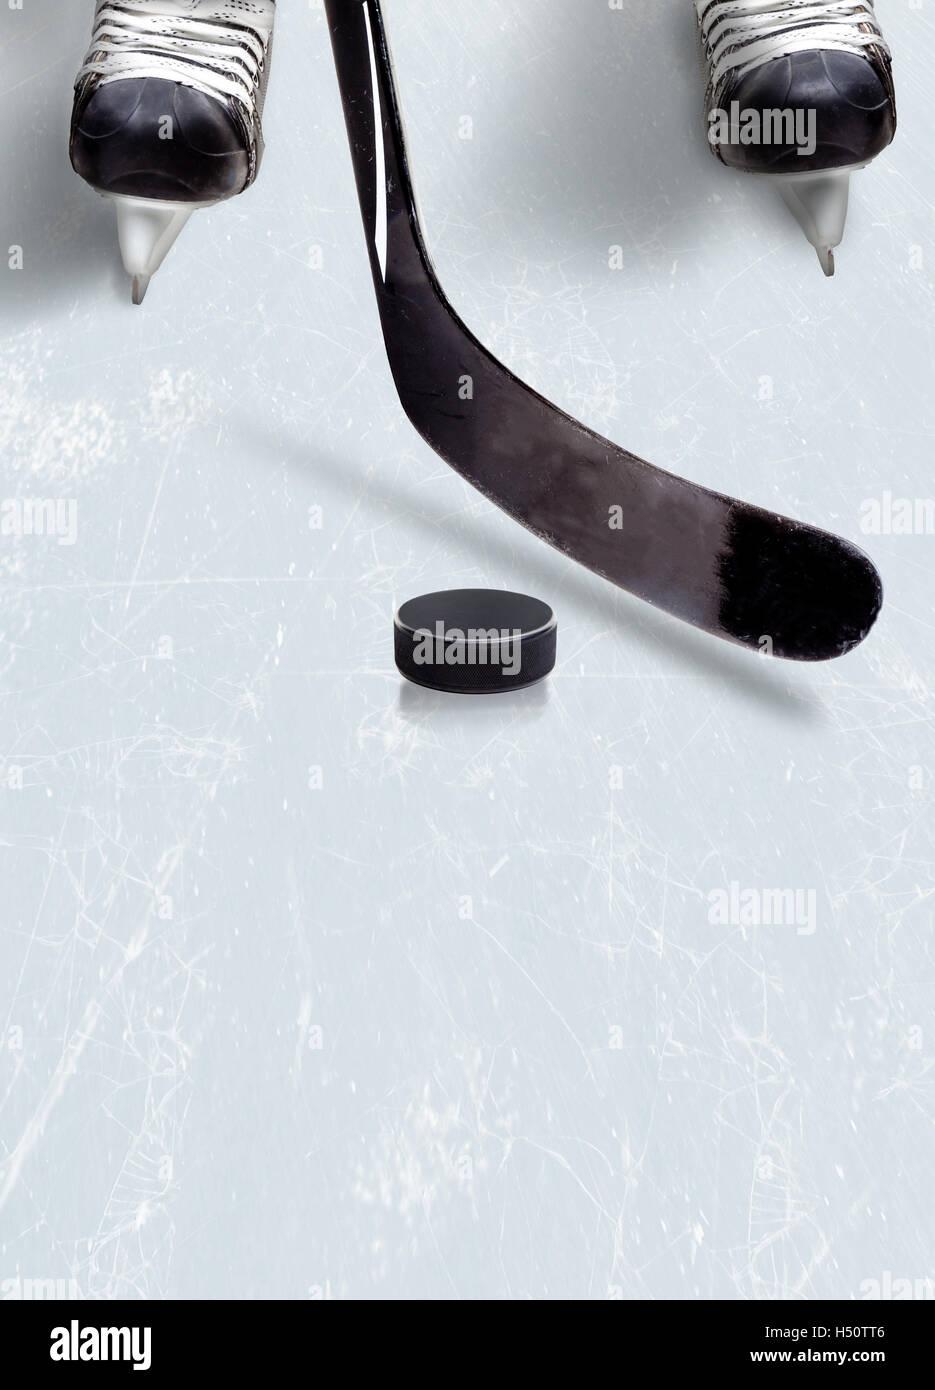 Palo de Hockey sobre hielo y puck con patines del jugador mostrando partically y copie el espacio. Orientación Imagen De Stock